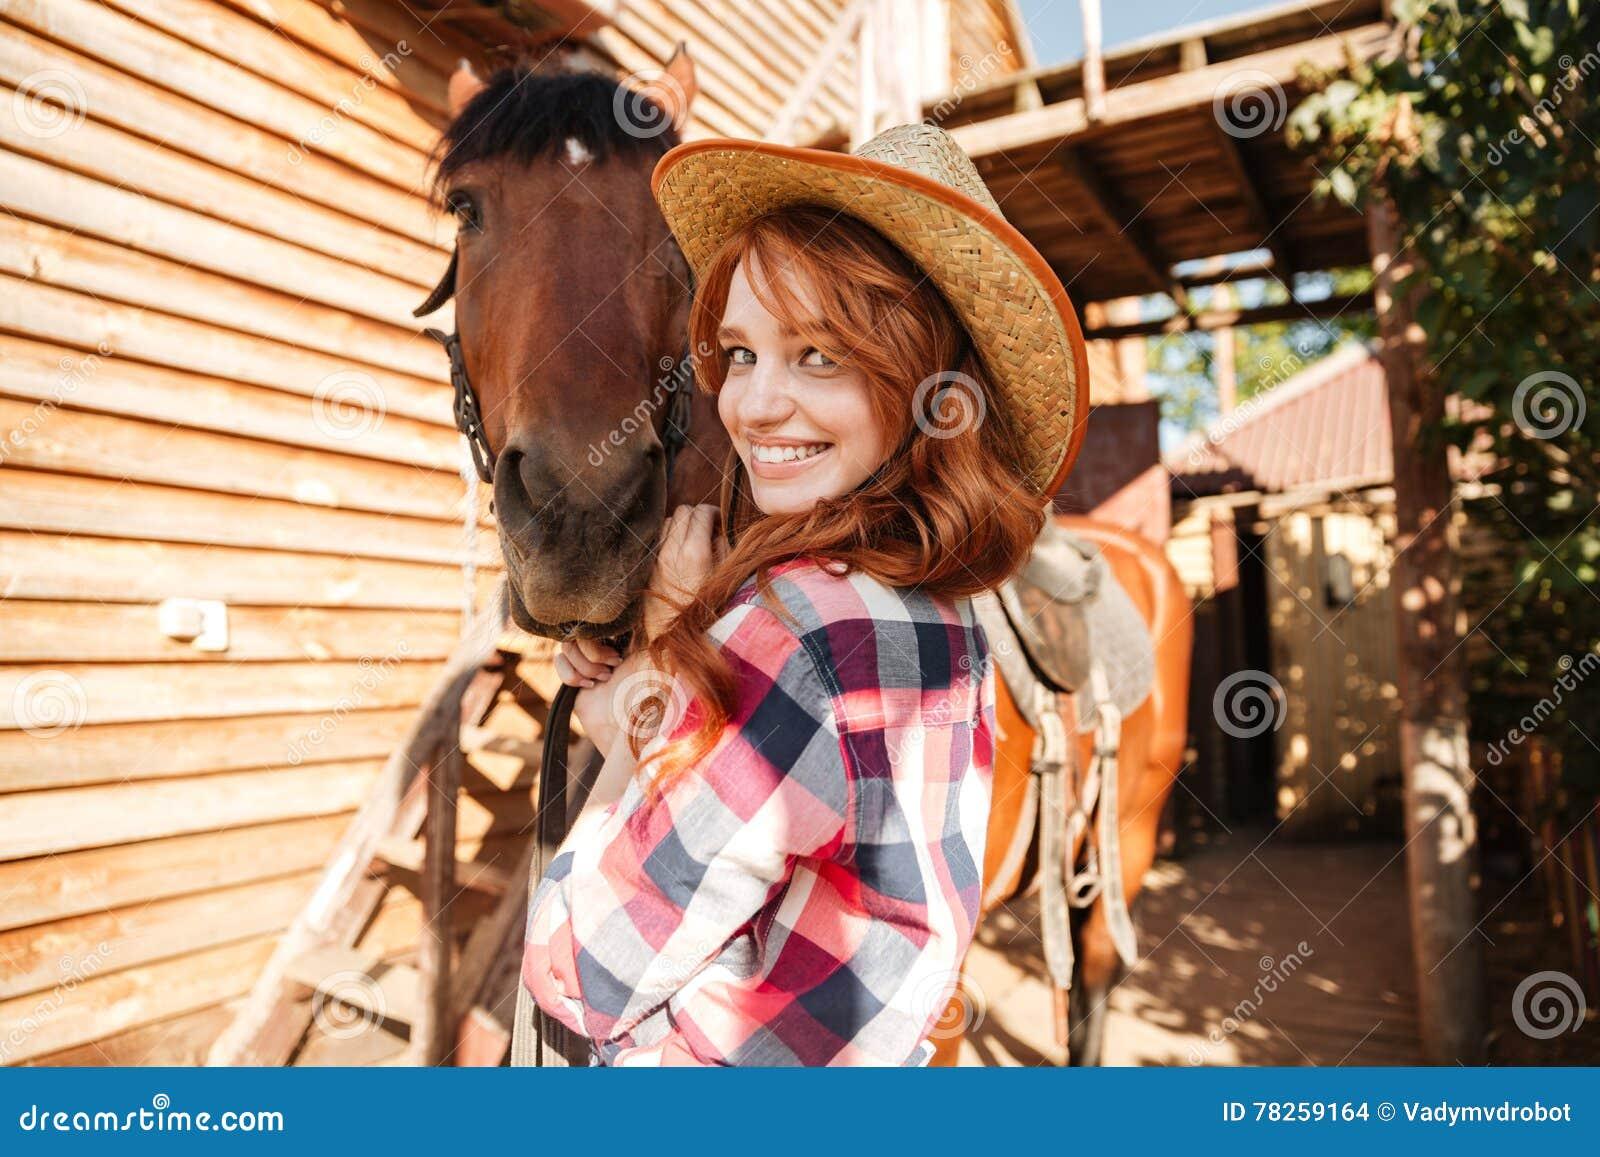 Εύθυμη χαριτωμένη νέα γυναίκα cowgirl στο καπέλο με το άλογο